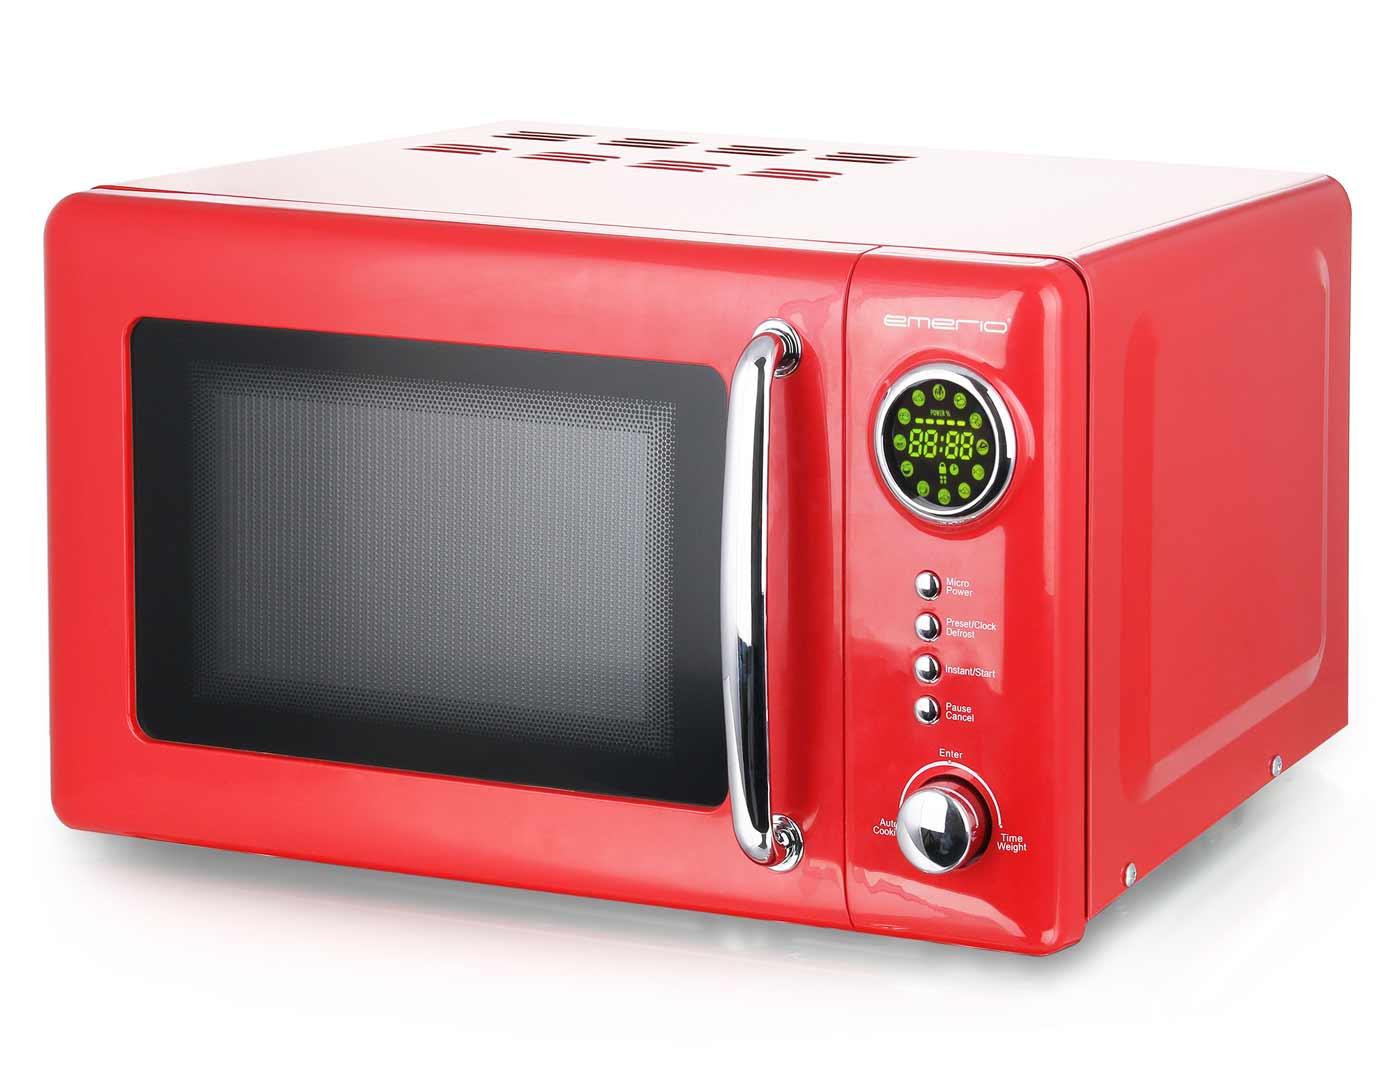 Mikrowelle Retro Design Emerio MW-112141 rot – Bild 1